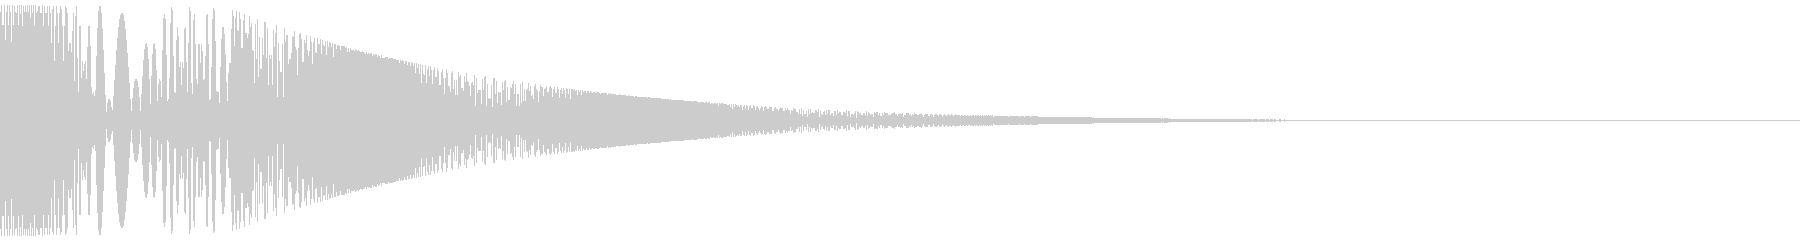 ボヨヨンと柔らかいものが揺れる02の未再生の波形